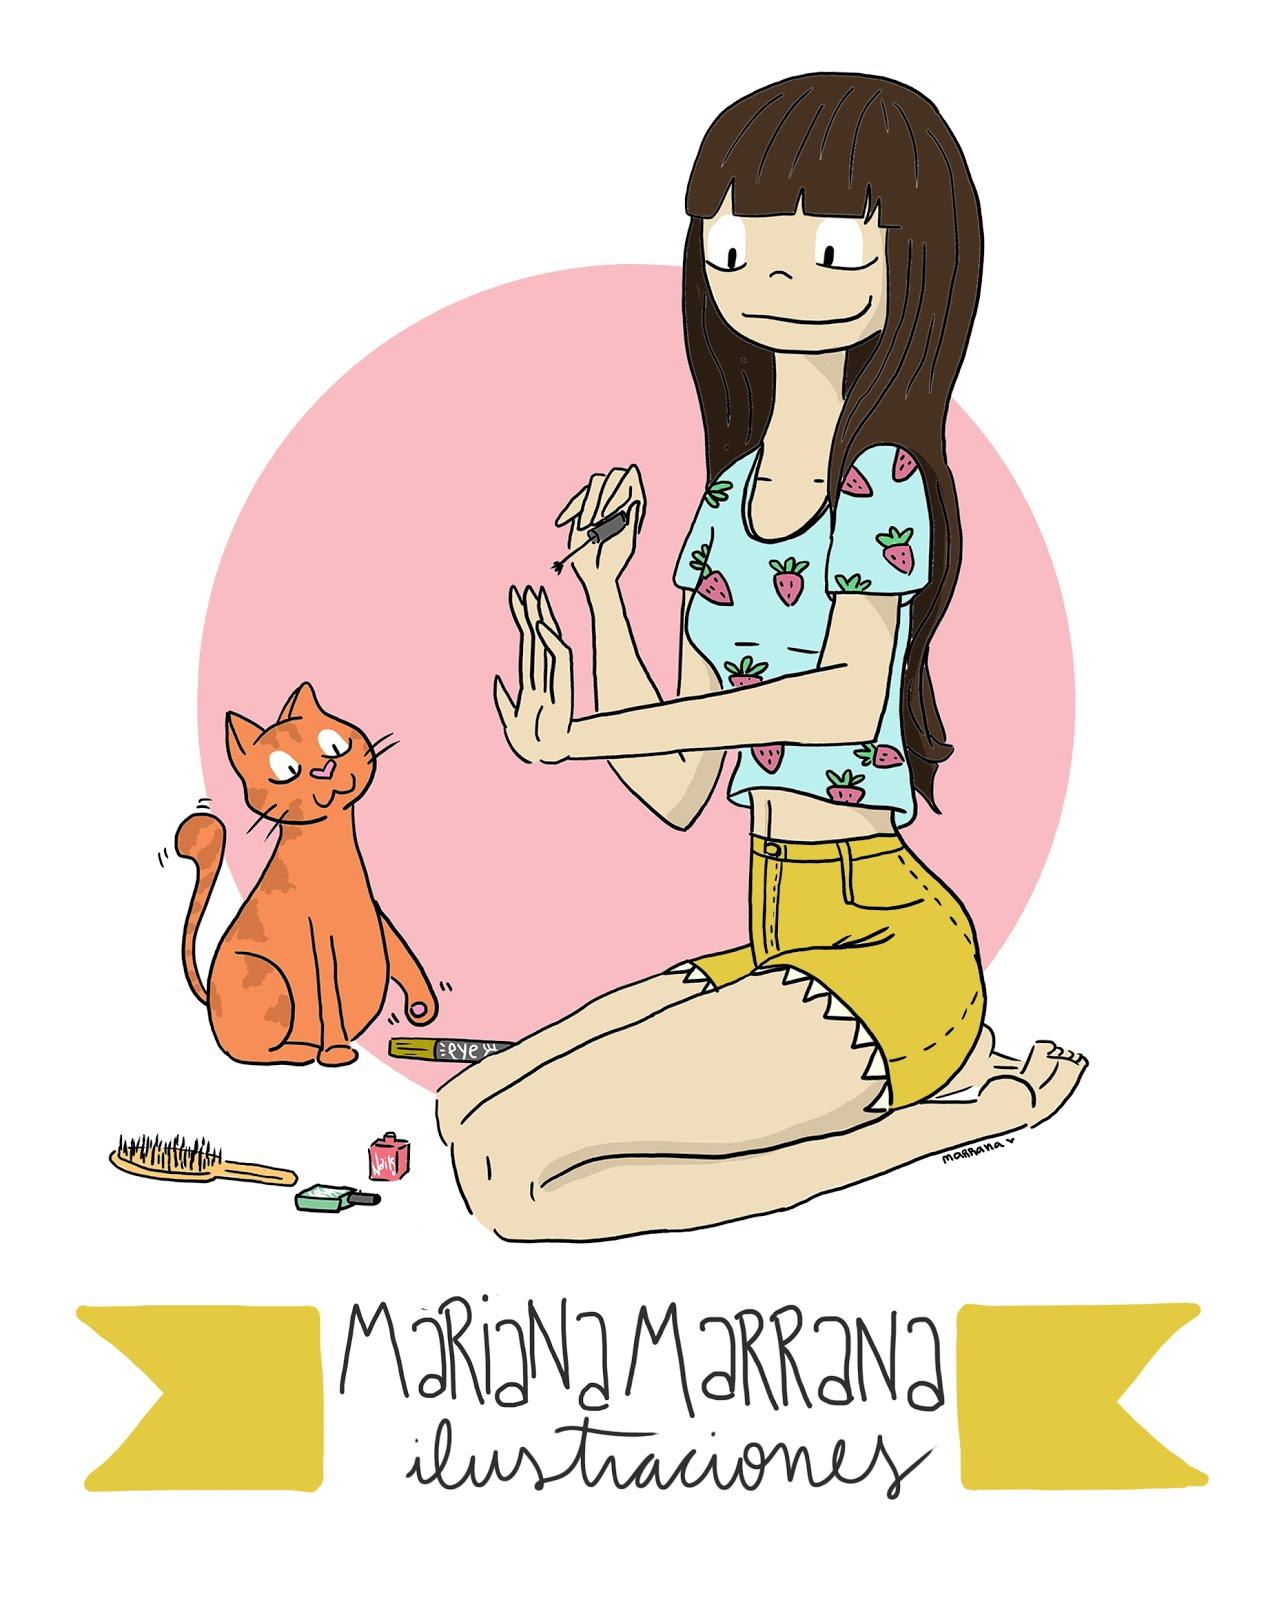 MARIANA MARRANA